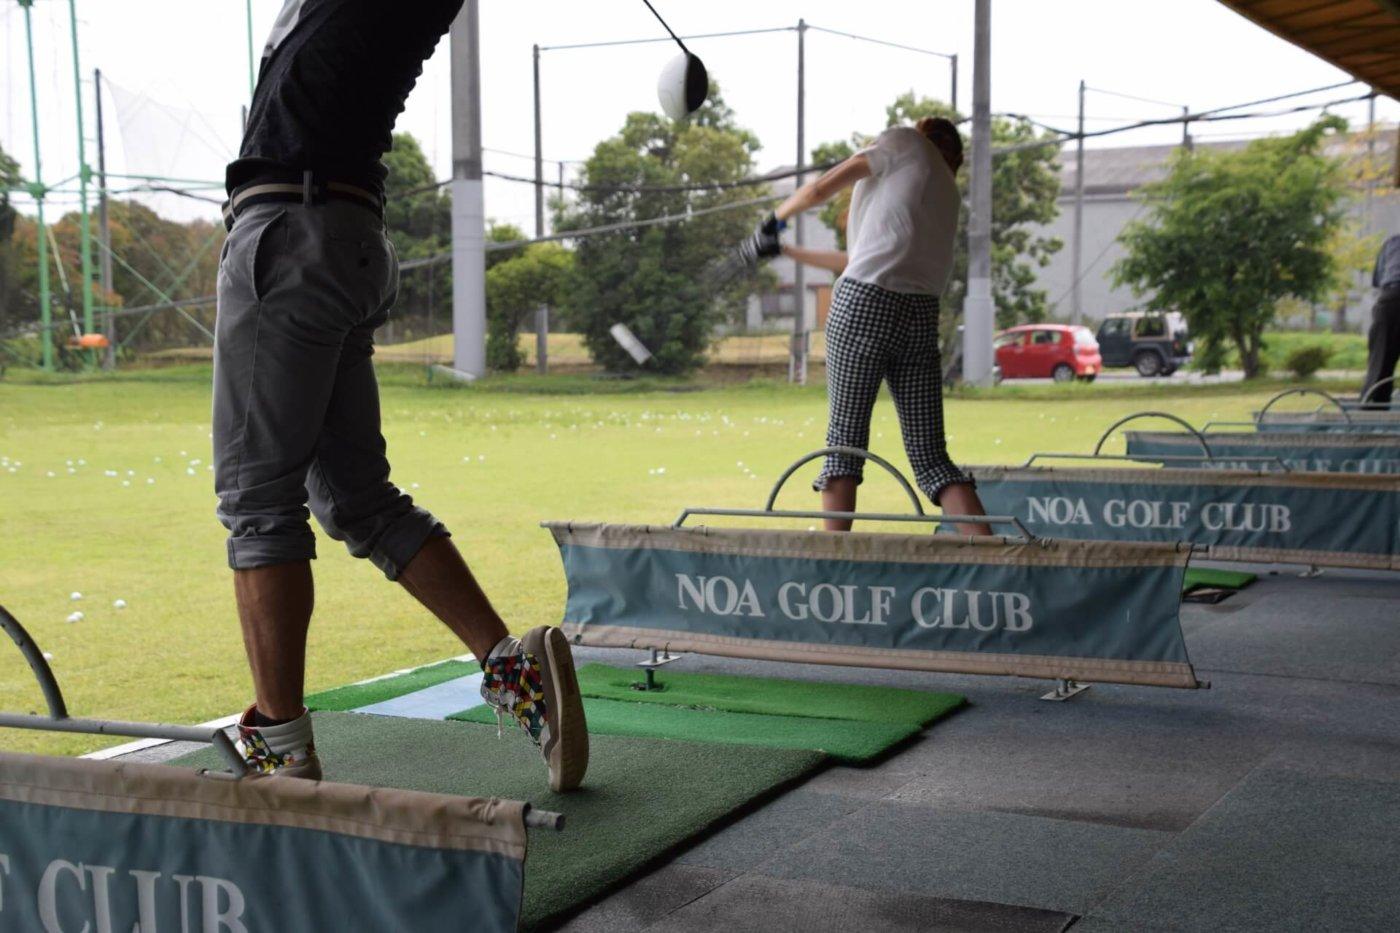 行きつけのゴルフ練習場を見つけておこう!